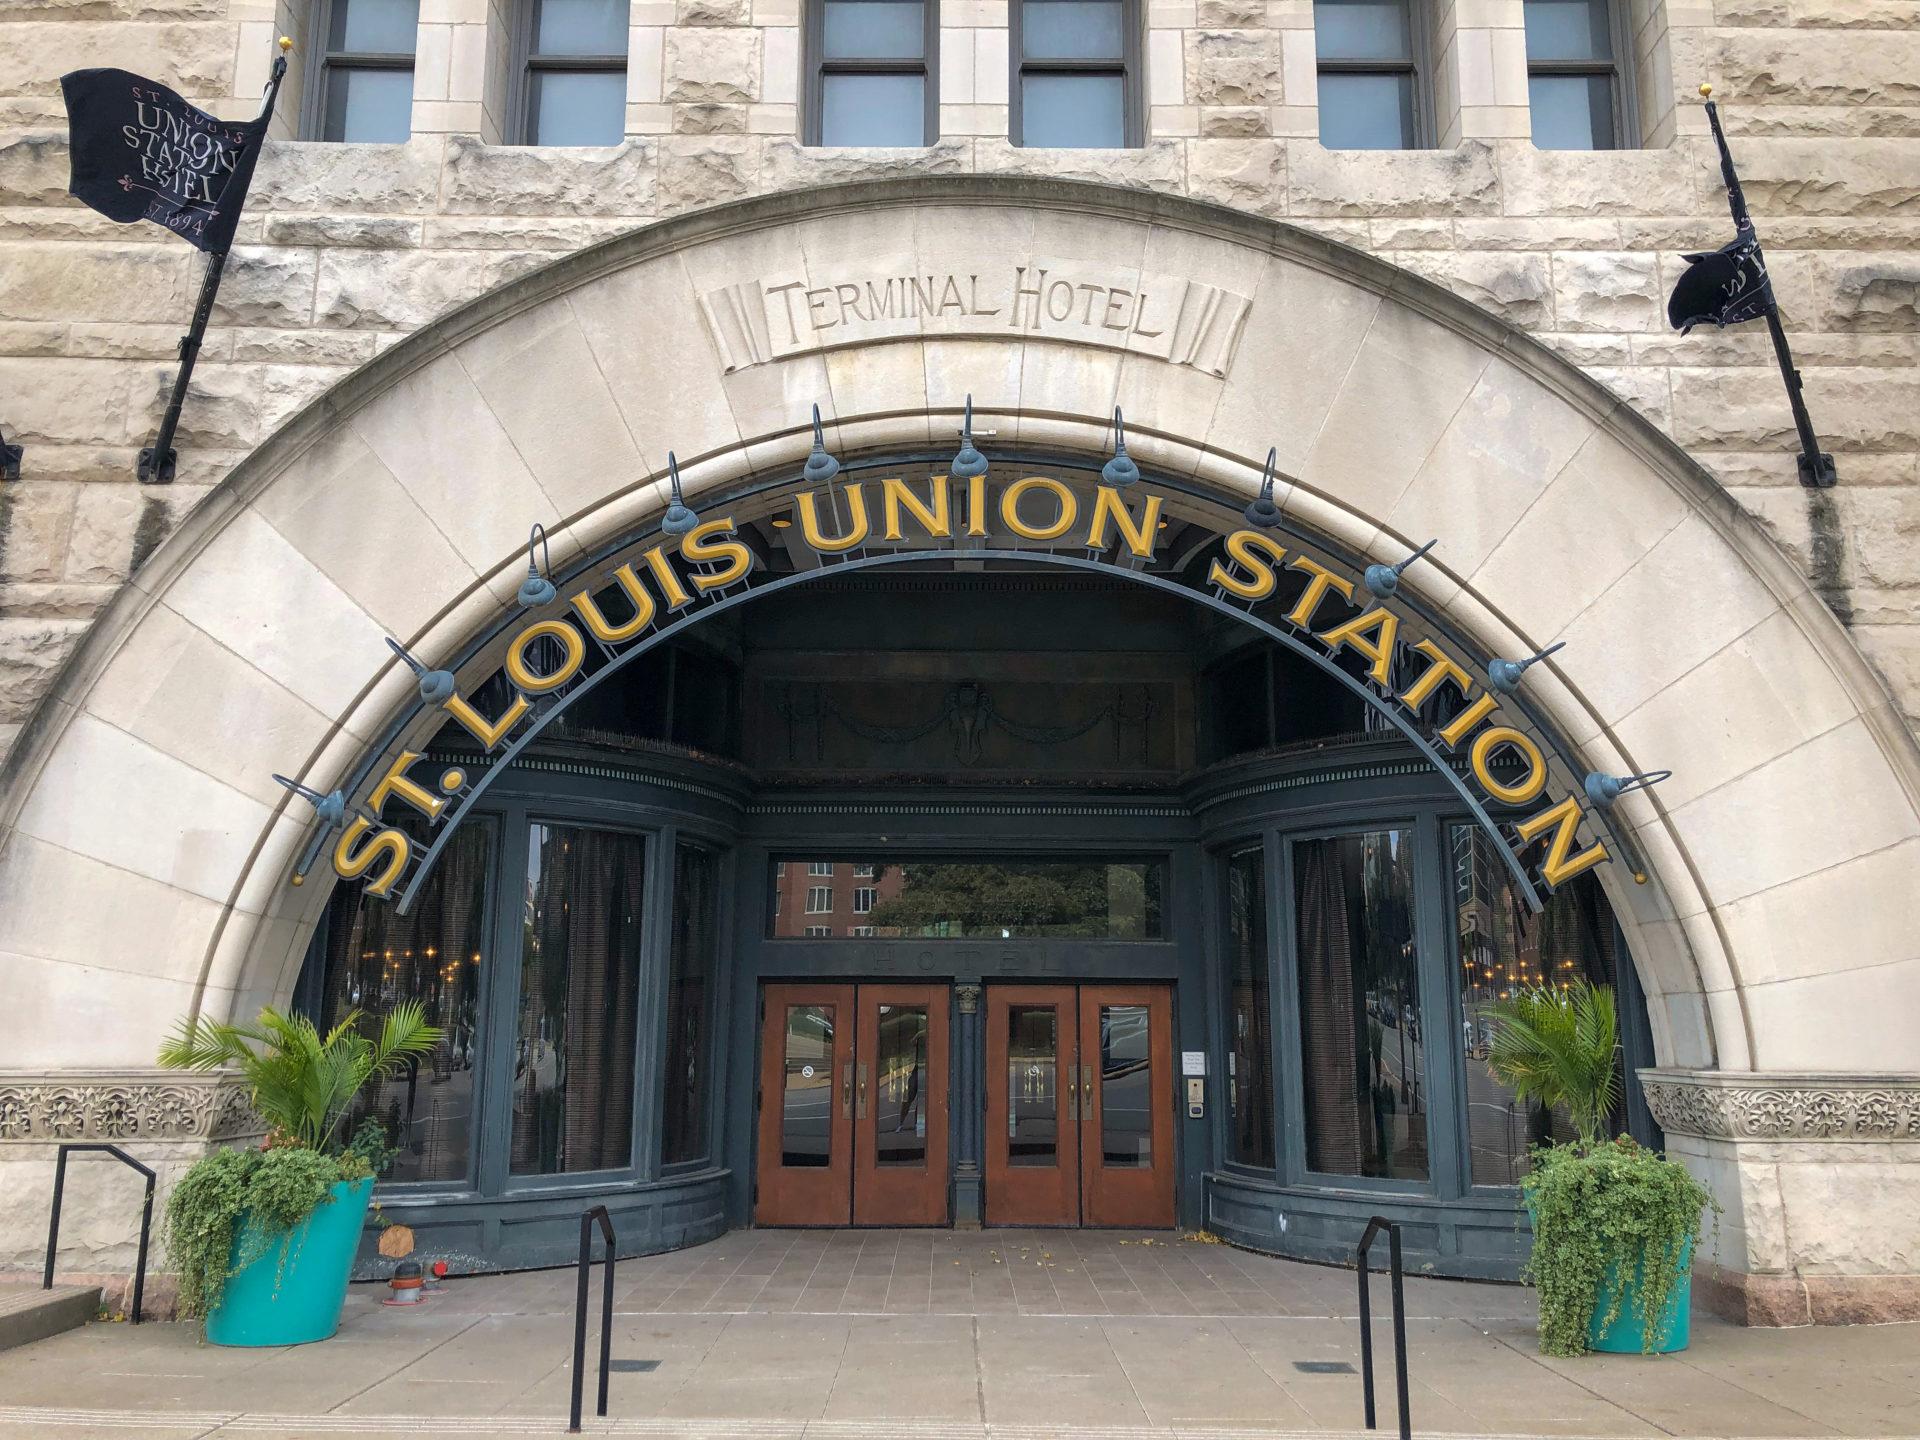 Eingang des Terminal Hotel in St. Louis mit Rundbogen